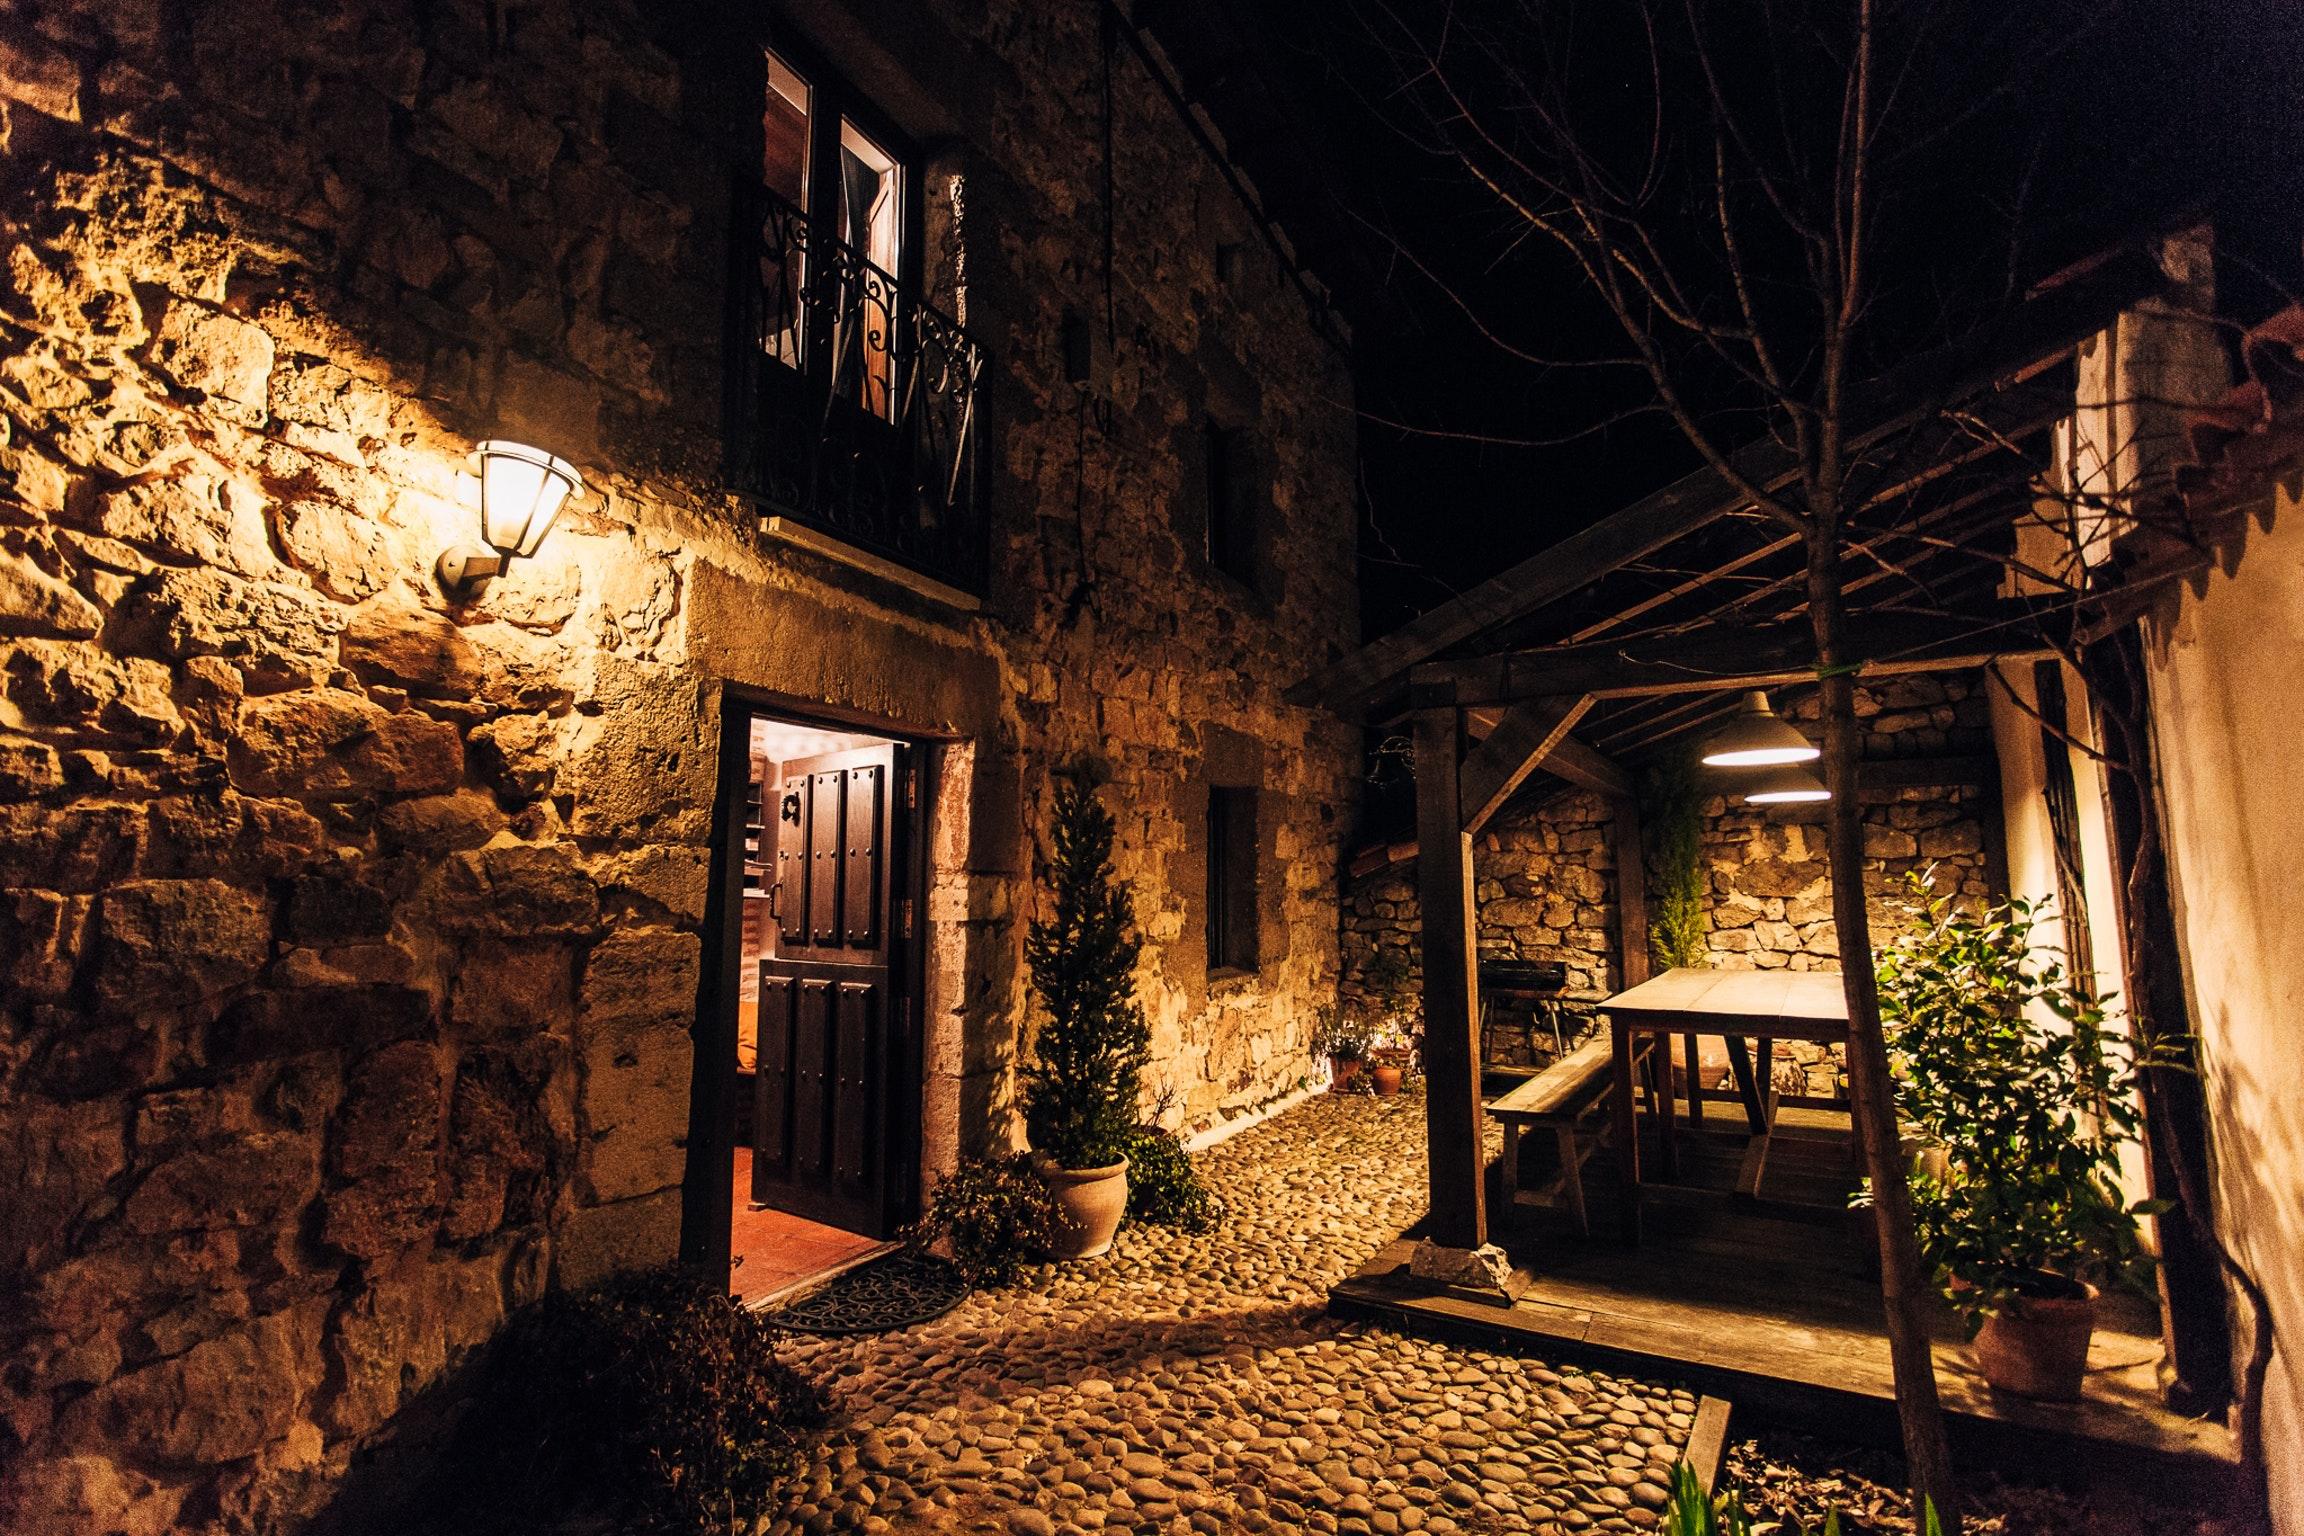 Ferienhaus Haus mit 5 Zimmern in Fuenteodra mit toller Aussicht auf die Berge, eingezäuntem Garten un (2211142), Fuenteodra, Burgos, Kastilien-León, Spanien, Bild 51